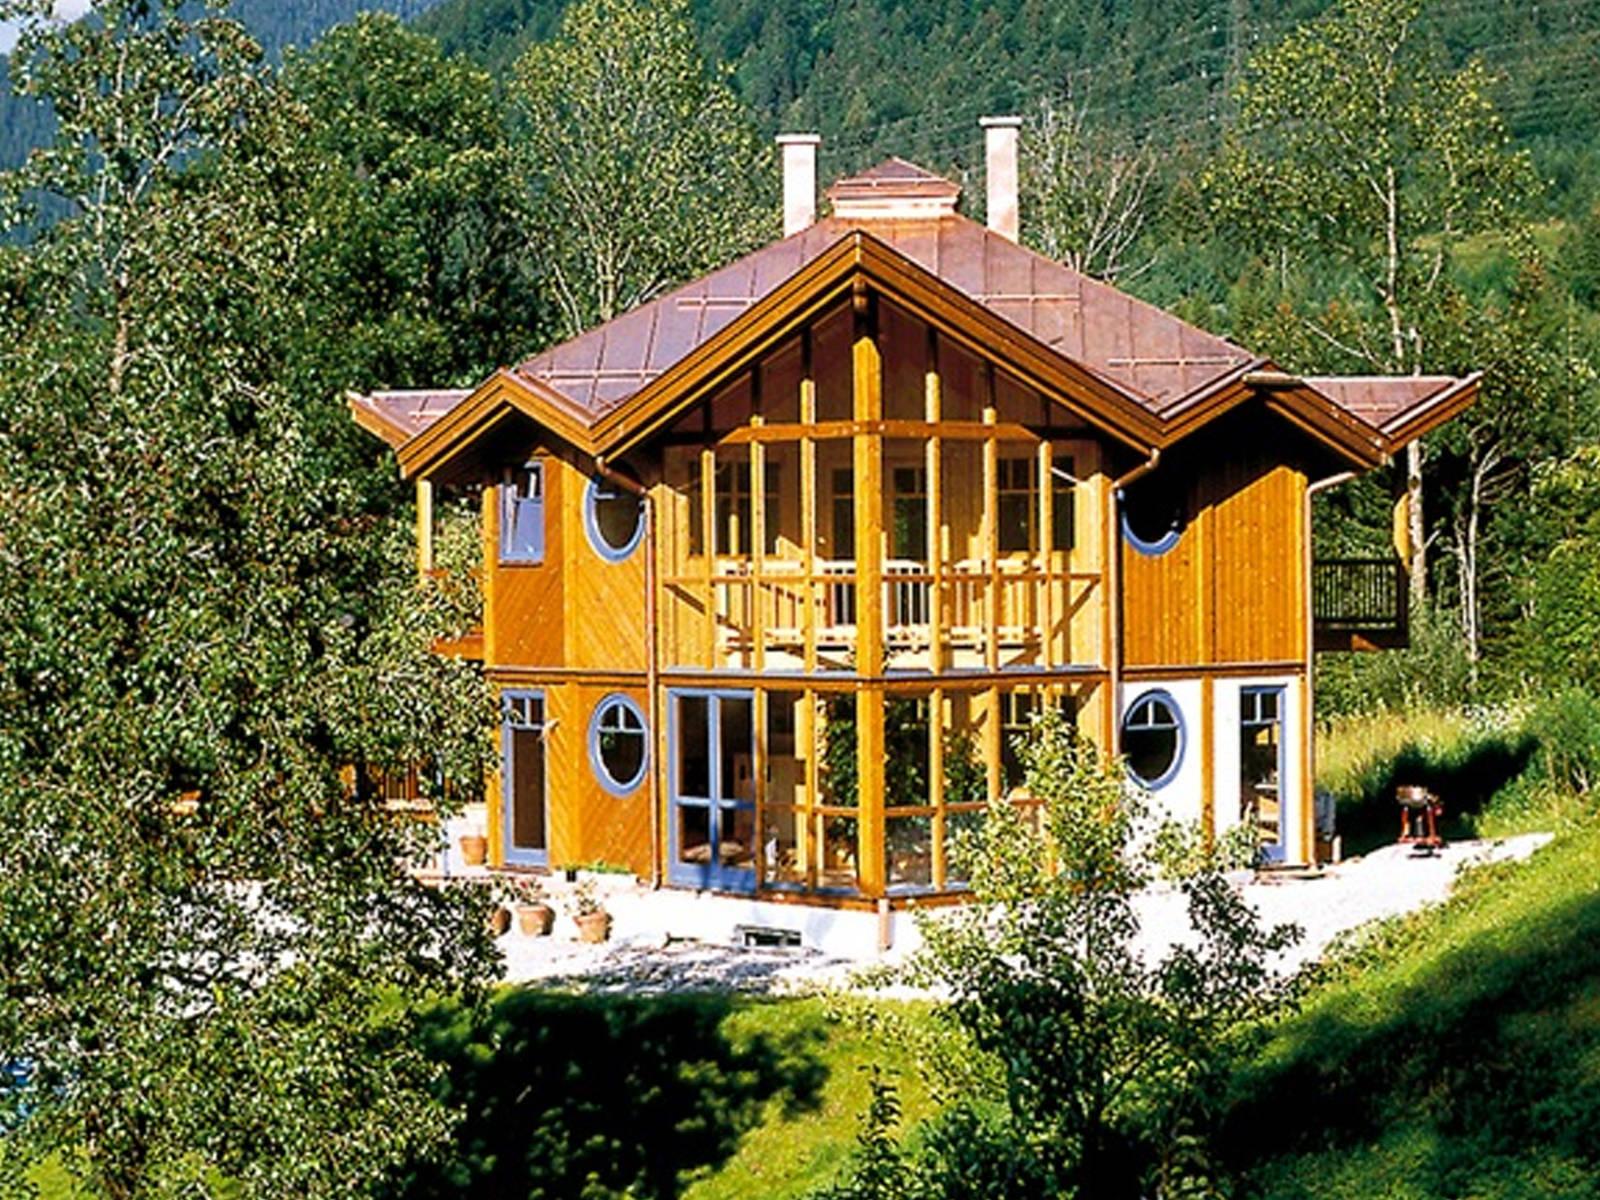 Traumhaus in deutschland modern  Haus-Idee M05 - Modern - Vöma-Bio-Bau